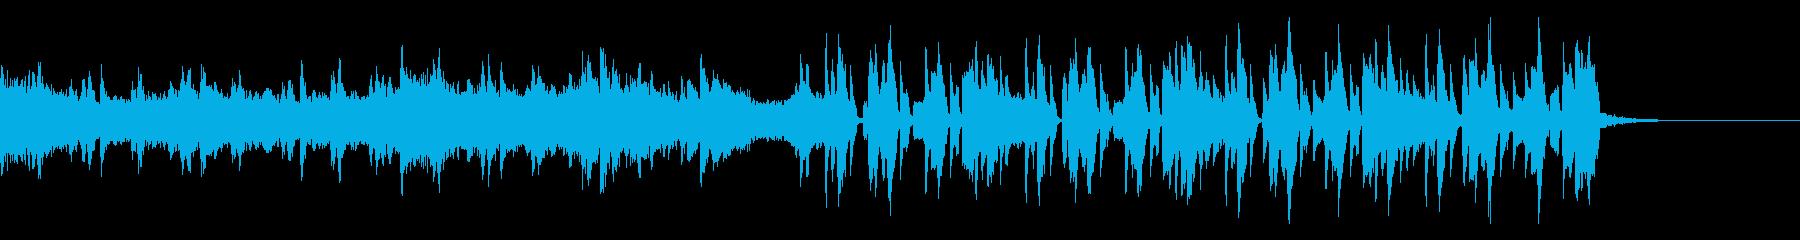 わずかにディープめな四つ打ちの再生済みの波形